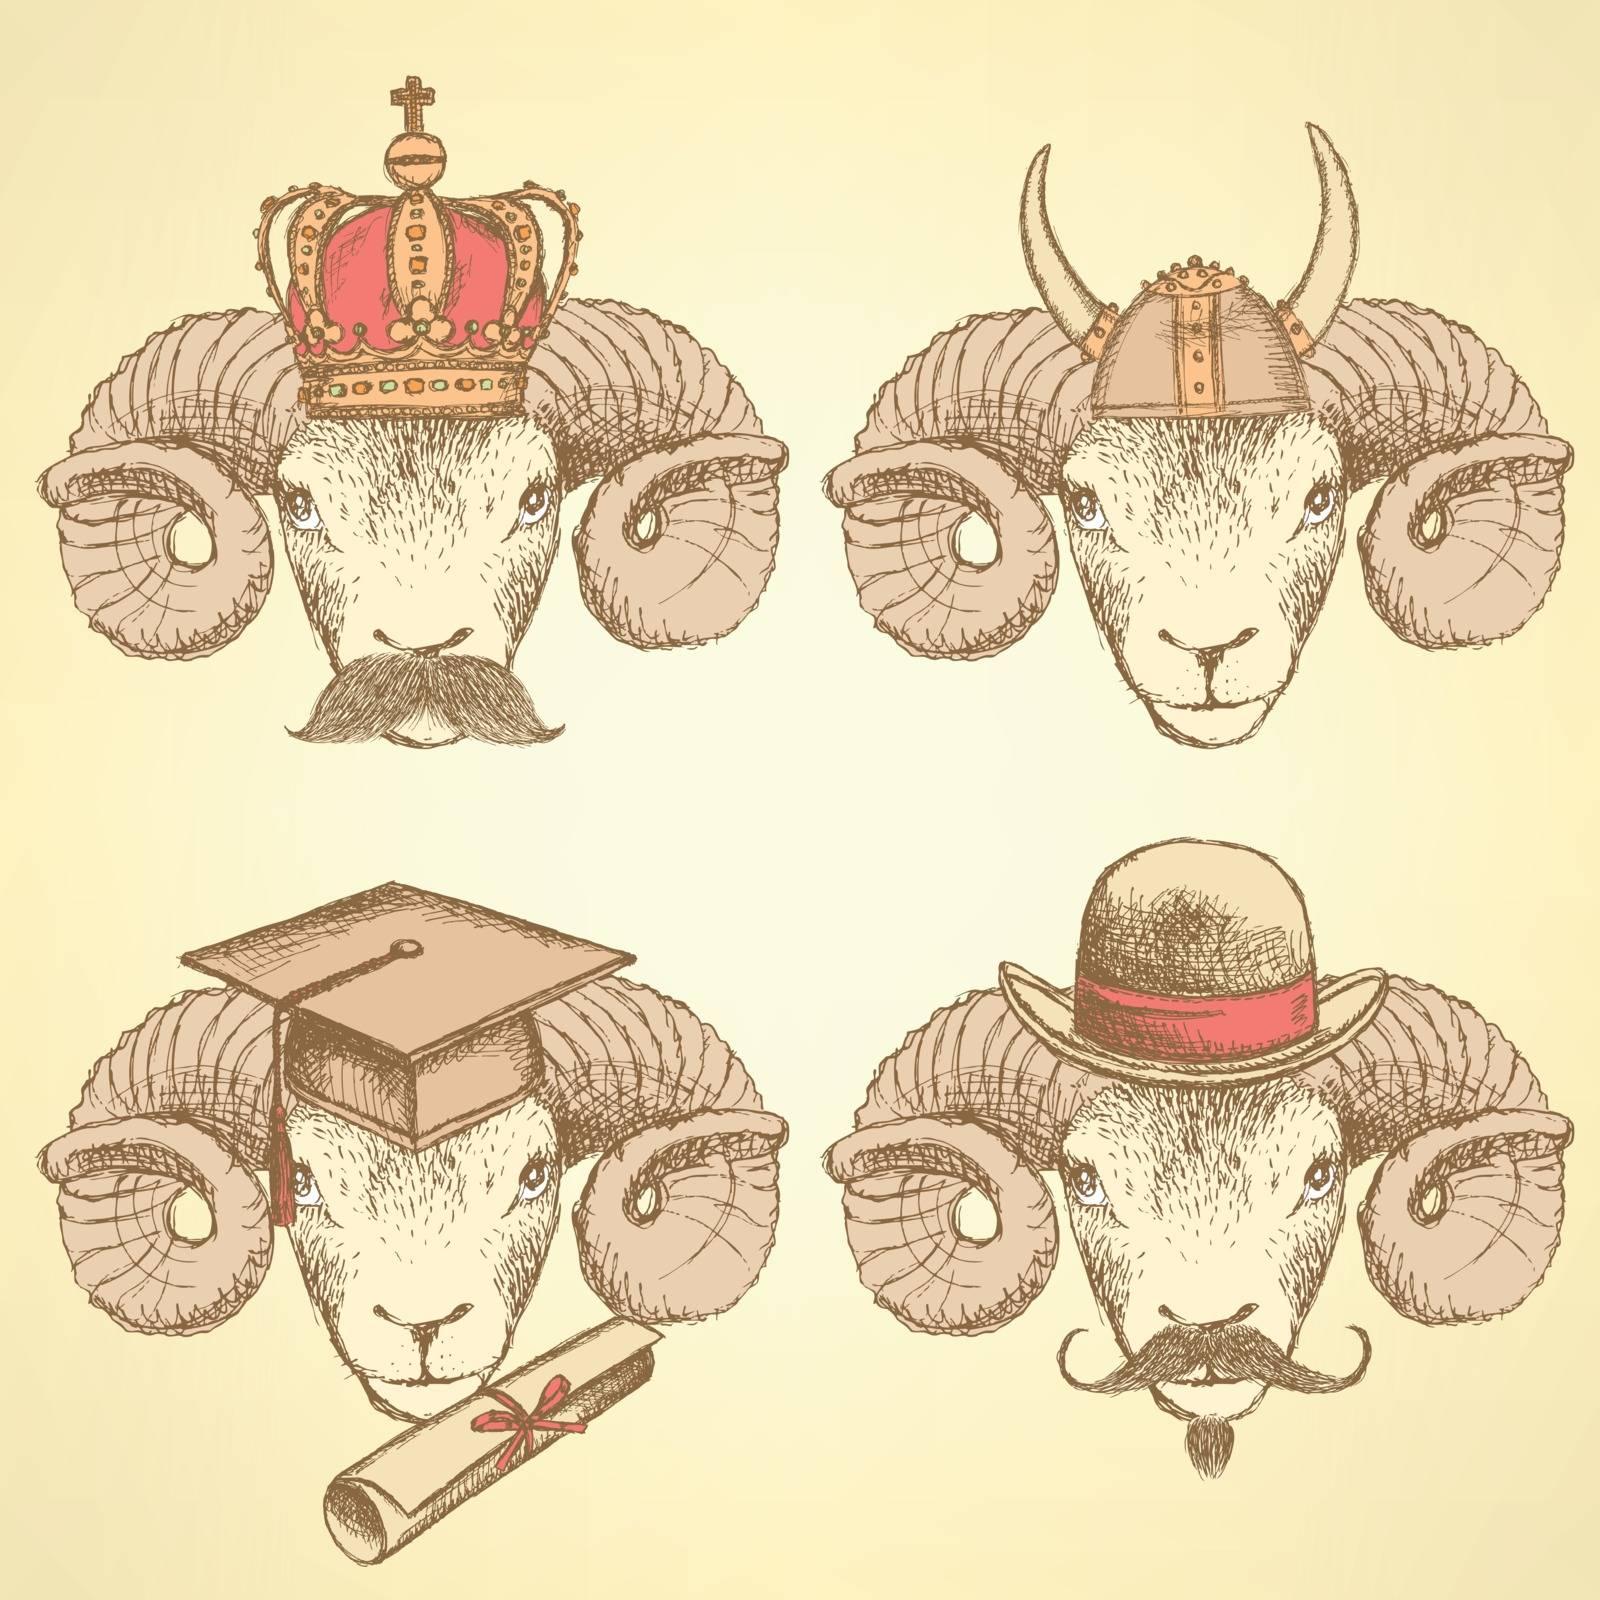 Sketch unusual rams set in vintage style